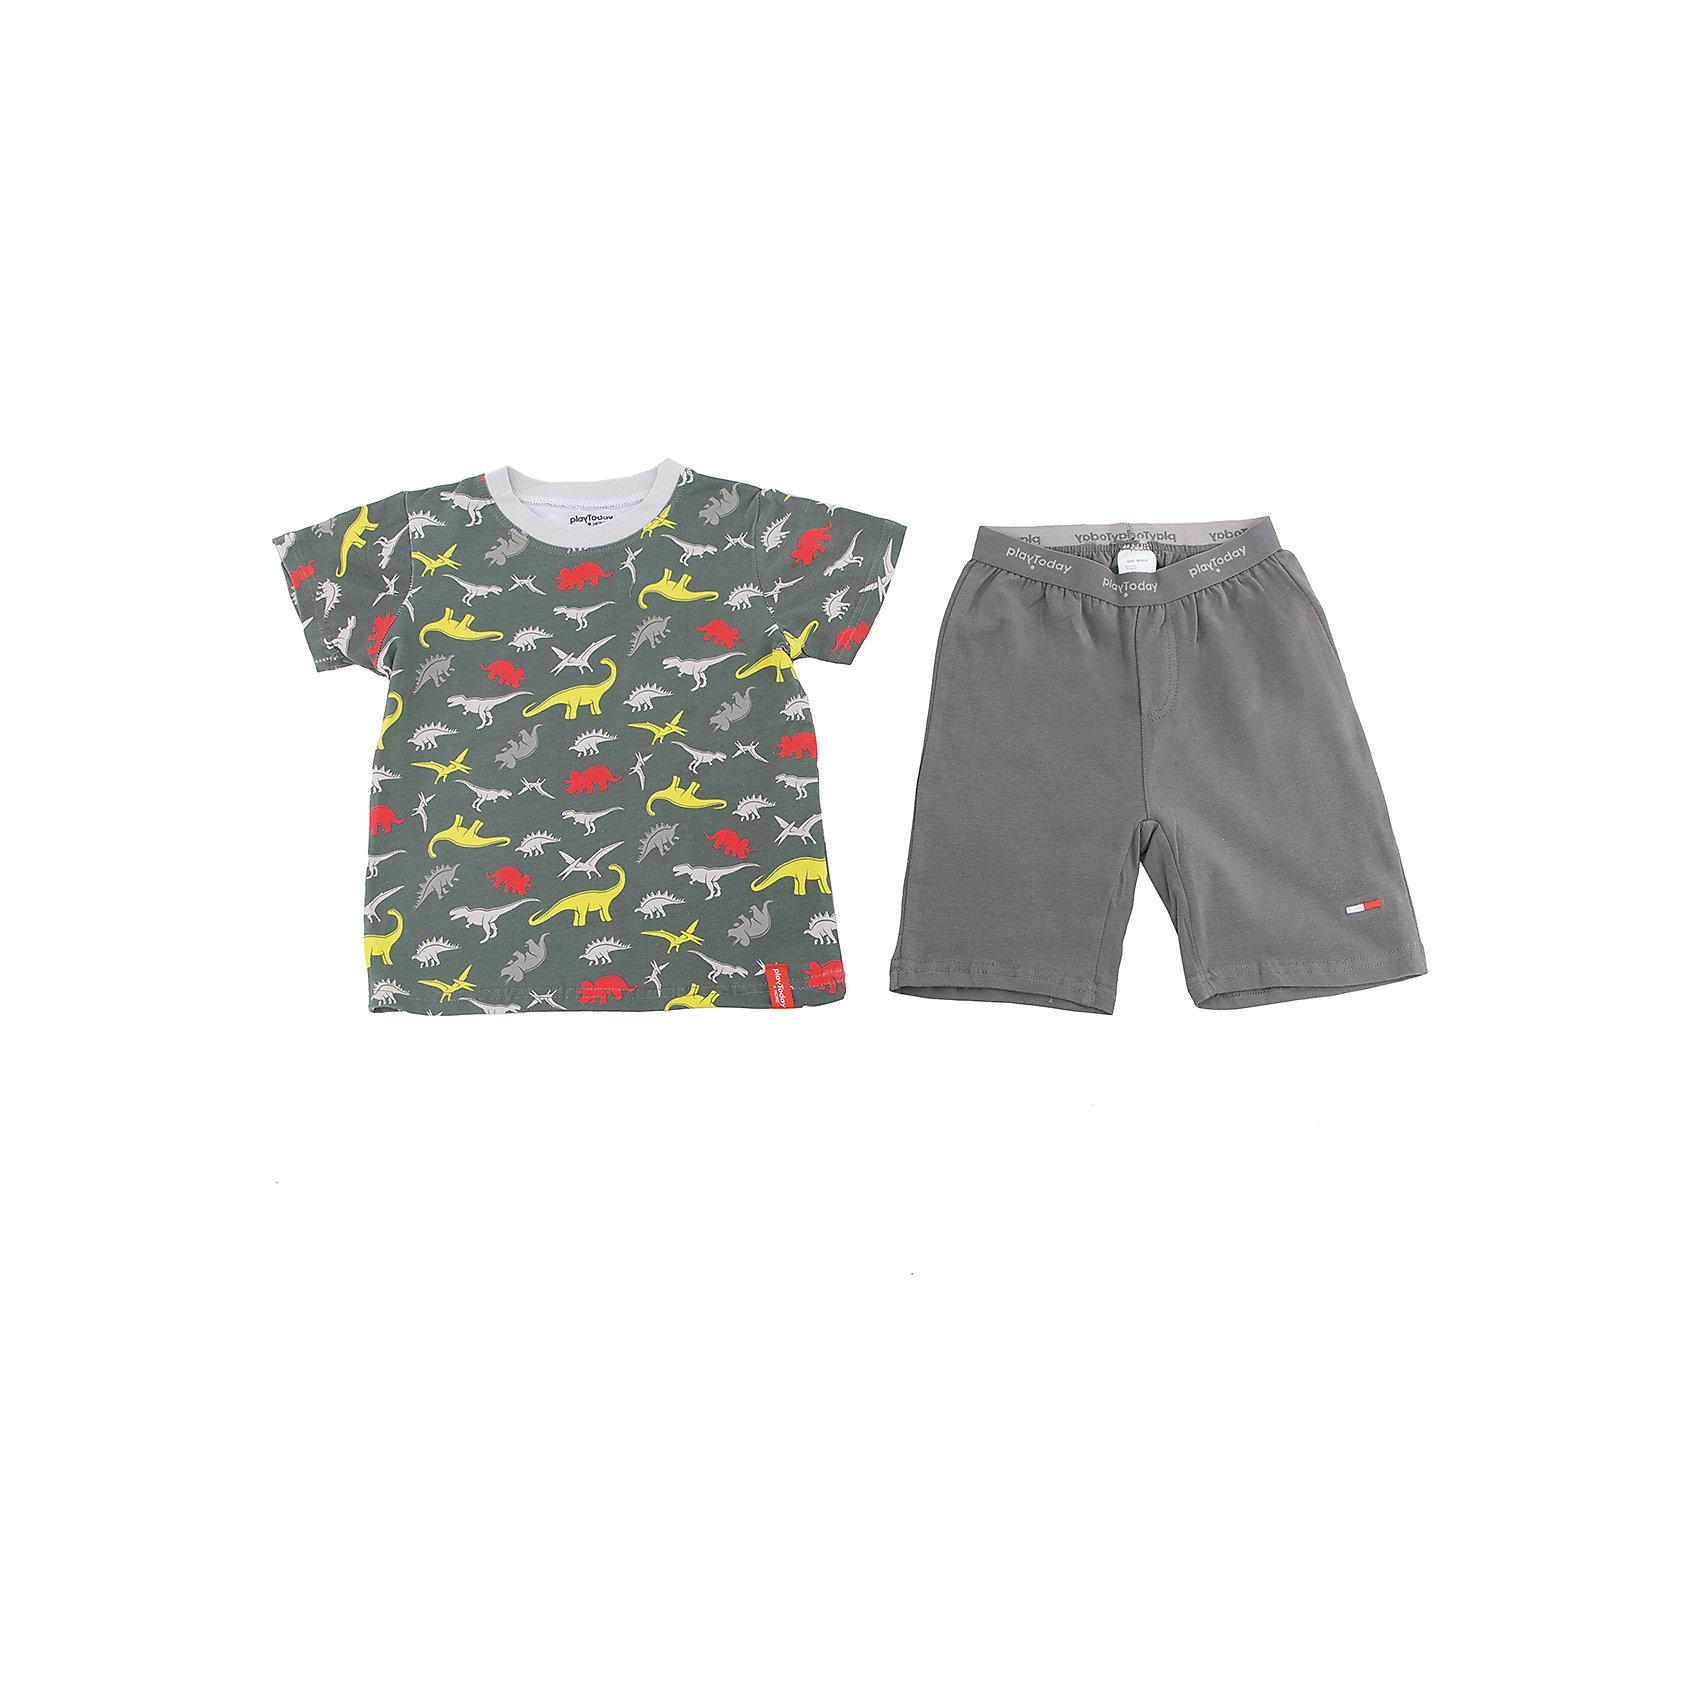 Комплект для мальчика PlayTodayКомплекты<br>Характеристики товара:<br><br>• цвет: серый<br>• состав: 95% хлопок, 5% эластан<br>• комплектация: футболка и шорты<br>• дышащий материал<br>• короткие рукава<br>• принт<br>• пояс - мягкая резинка<br>• комфортная посадка<br>• коллекция: весна-лето 2017<br>• страна бренда: Германия<br>• страна производства: Китай<br><br>Популярный бренд PlayToday выпустил новую коллекцию! Вещи из неё продолжают радовать покупателей удобством, стильным дизайном и продуманным кроем. Дети носят их с удовольствием. PlayToday - это линейка товаров, созданная специально для детей. Дизайнеры учитывают новые веяния моды и потребности детей. Порадуйте ребенка обновкой от проверенного производителя!<br>Эта модель обеспечит ребенку комфорт благодаря качественному материалу и удобному крою. Отличный вариант домашней одежды - она не трет и давит, не ограничивает свободу движений! Выглядит стильно и аккуратно.<br><br>Комплект для мальчика от известного бренда PlayToday можно купить в нашем интернет-магазине.<br><br>Ширина мм: 199<br>Глубина мм: 10<br>Высота мм: 161<br>Вес г: 151<br>Цвет: темно-серый<br>Возраст от месяцев: 84<br>Возраст до месяцев: 96<br>Пол: Мужской<br>Возраст: Детский<br>Размер: 128,98,104,110,116,122<br>SKU: 5404770